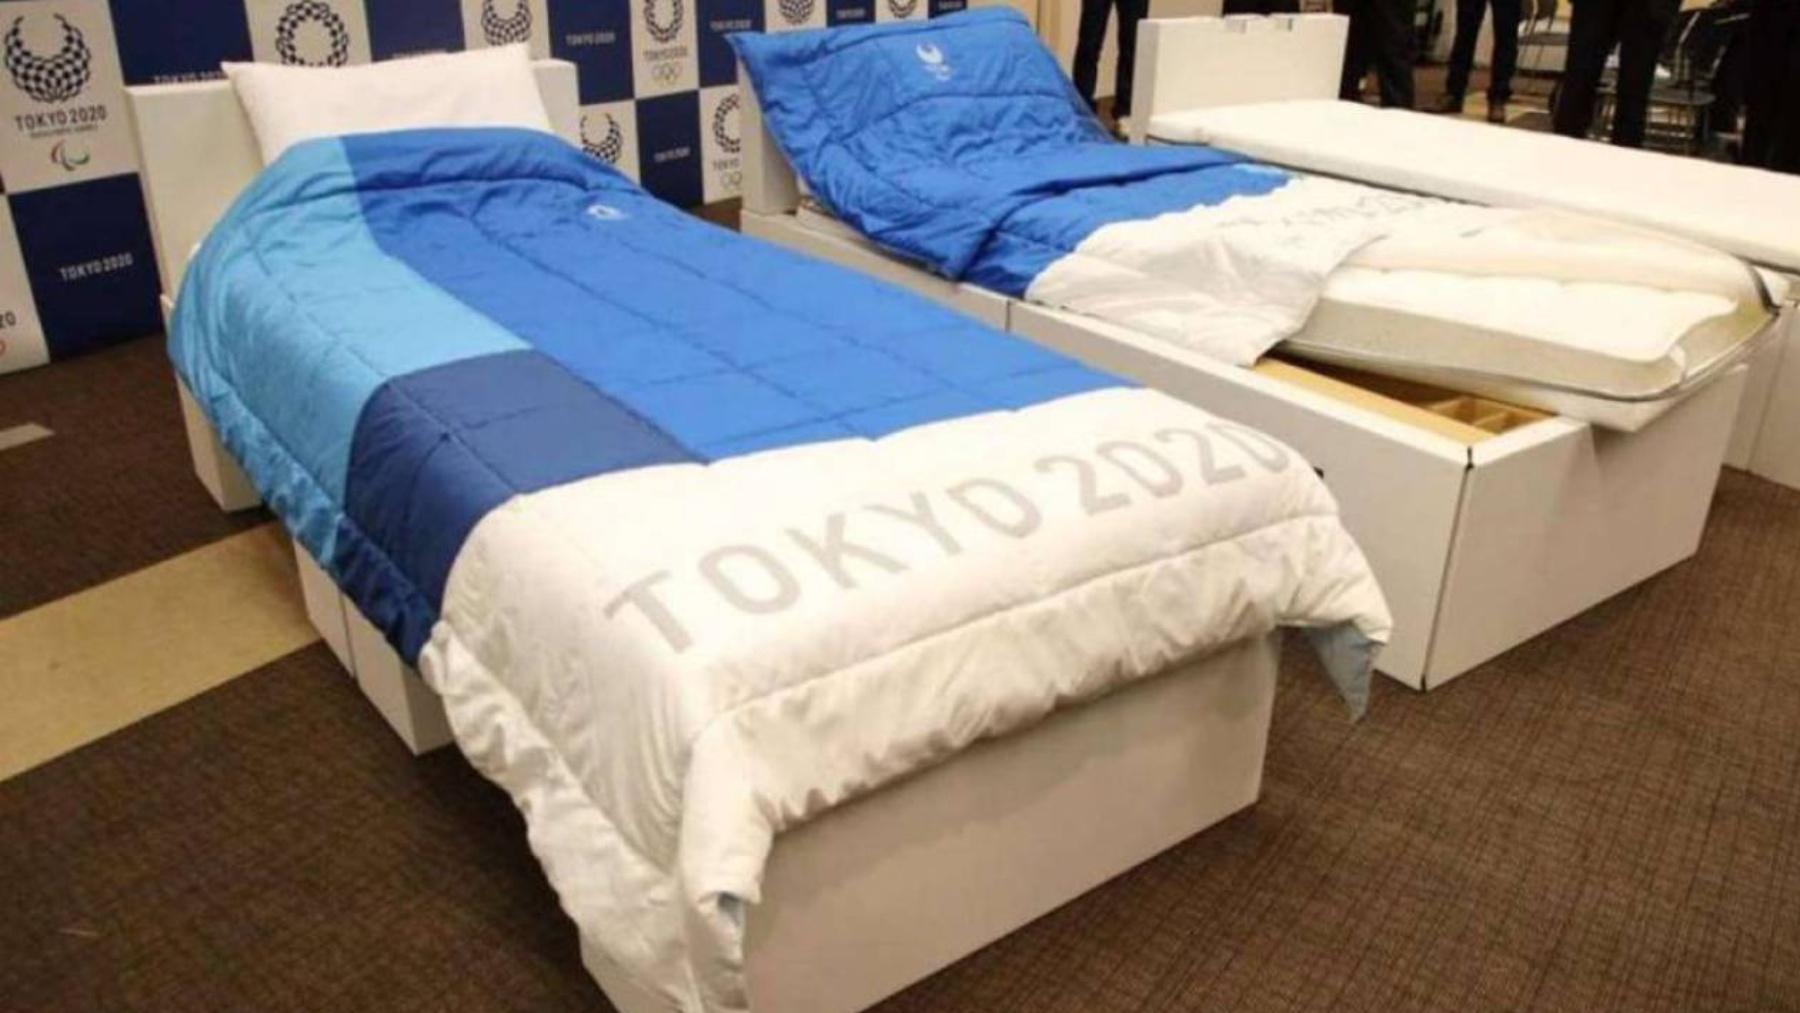 Las camas de los Juegos Olímpicos.